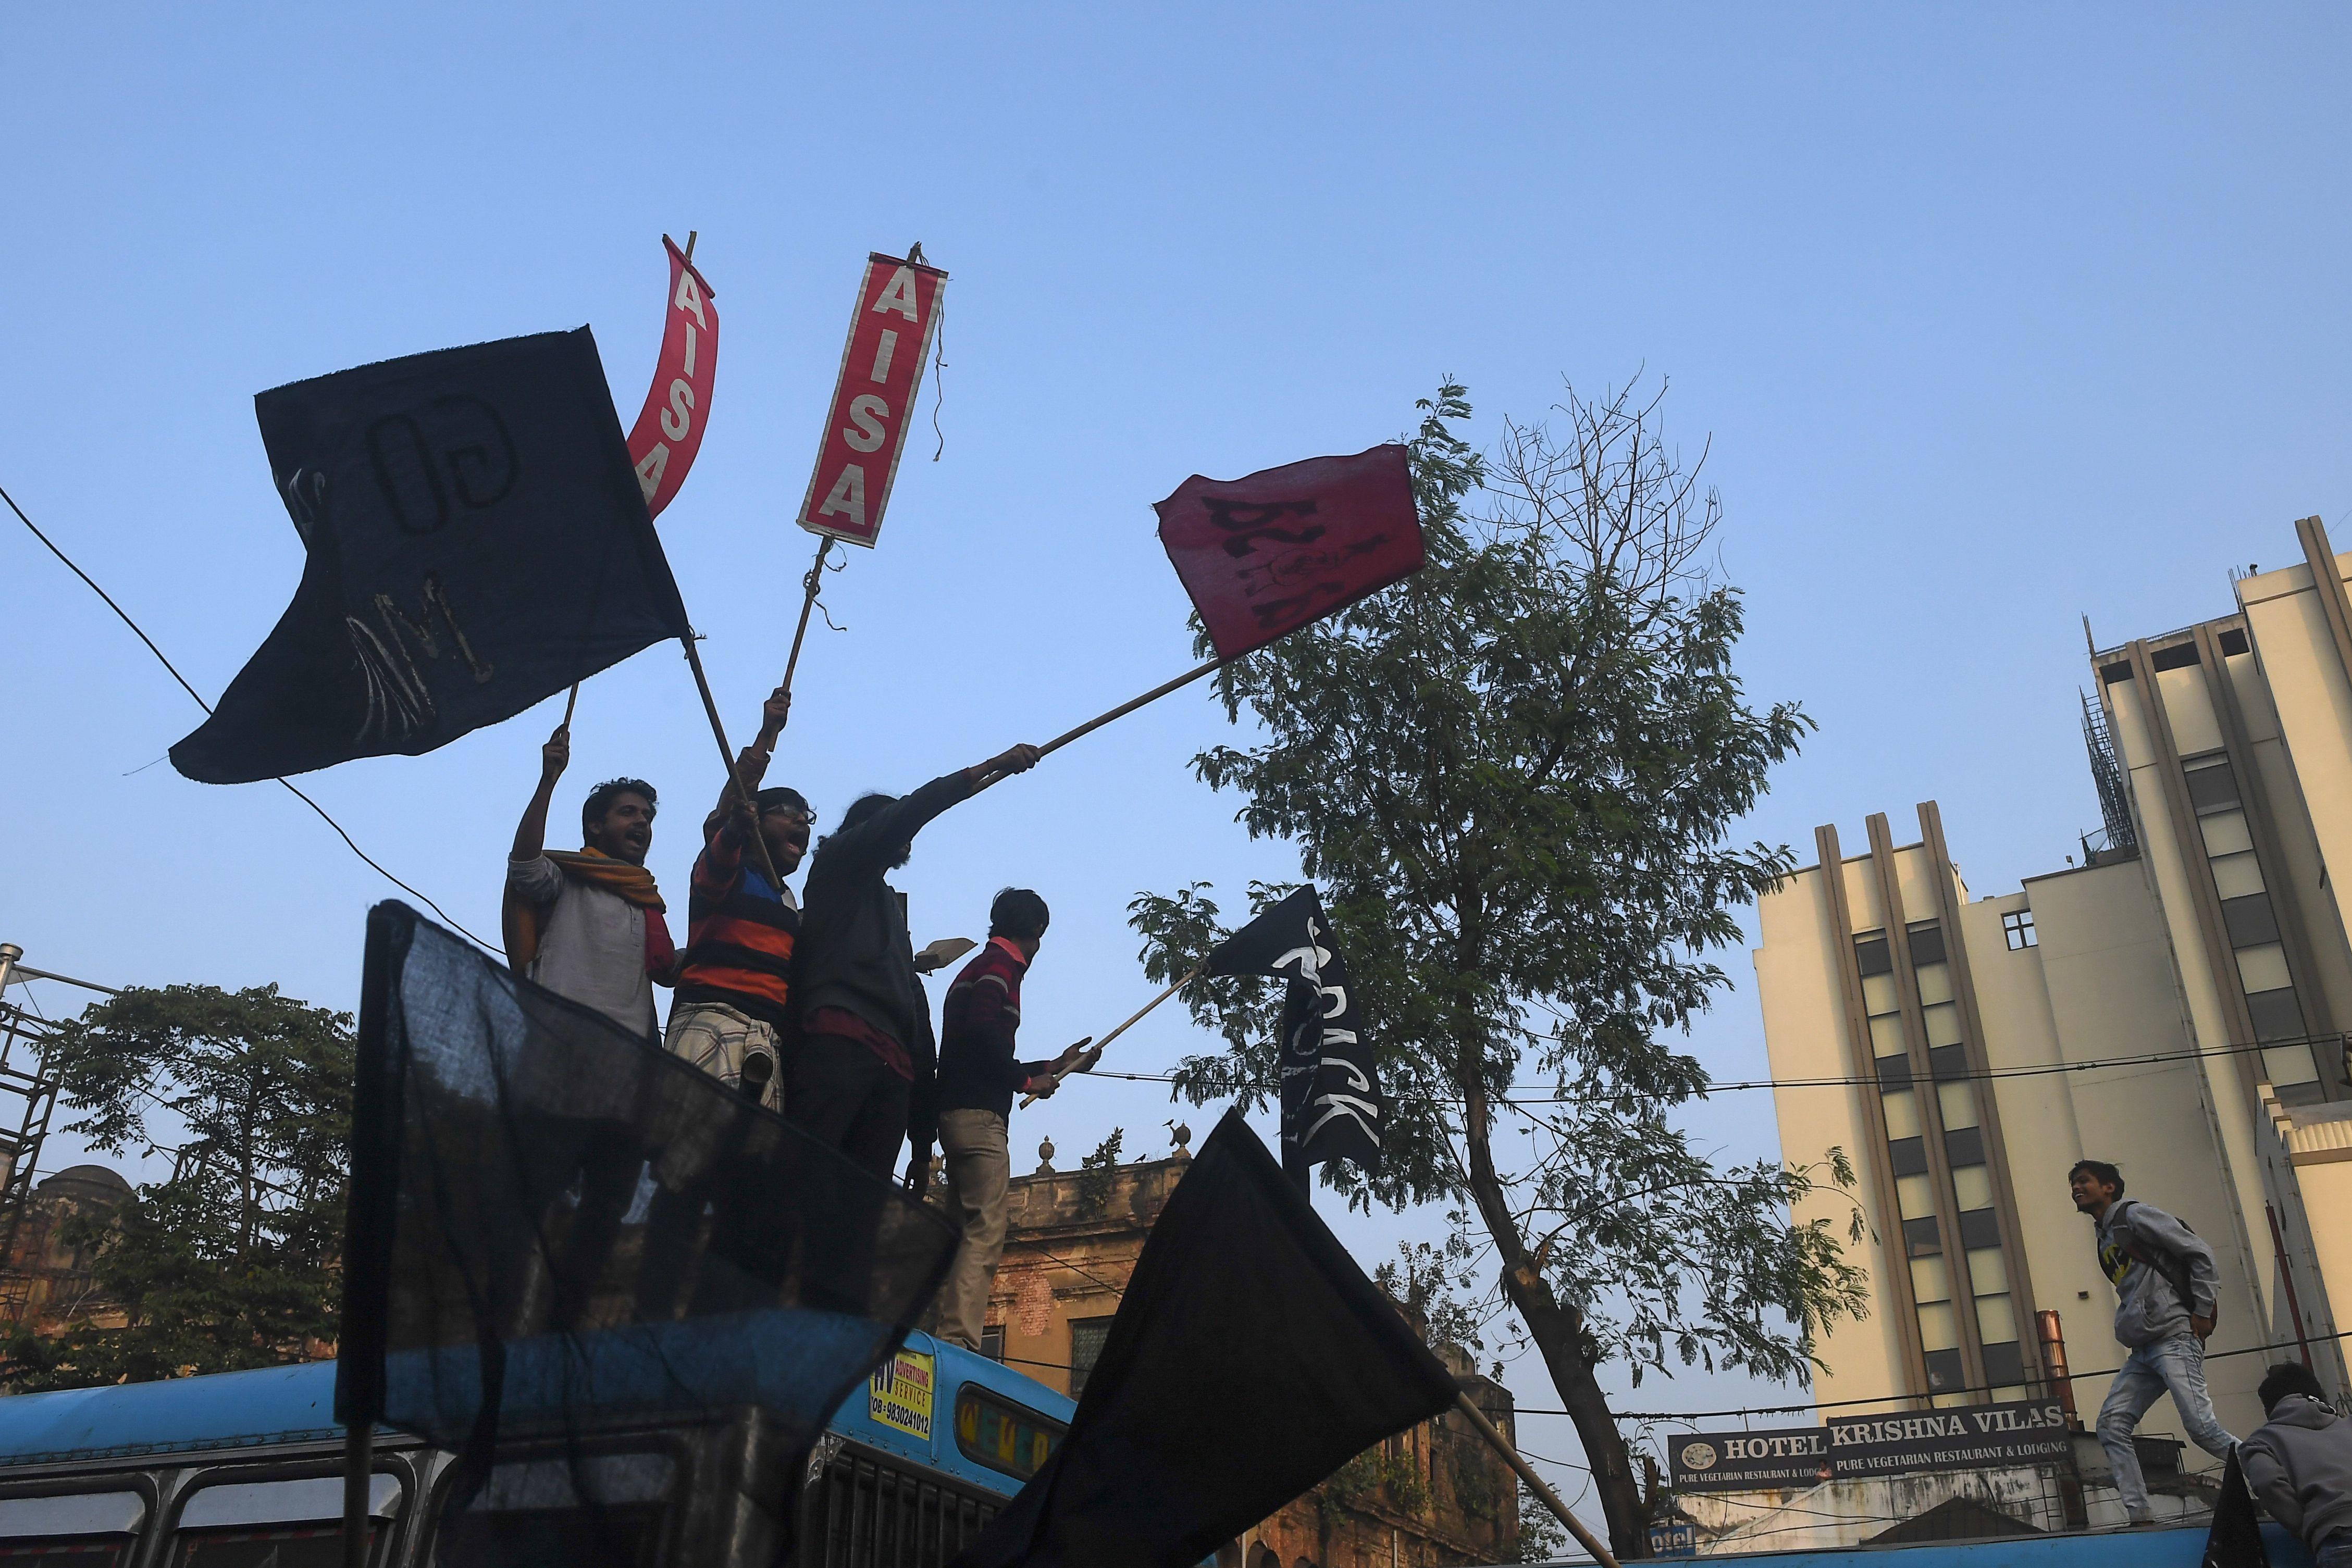 বিক্ষোভে সামিল হয়েছে যাদবপুর বিশ্ববিদ্যালয়ের পড়ুয়ারাও। বাজনা, পোস্টার নিয়ে মিছিল করেন তাঁরা। (ছবি সৌজন্য এএফপি)